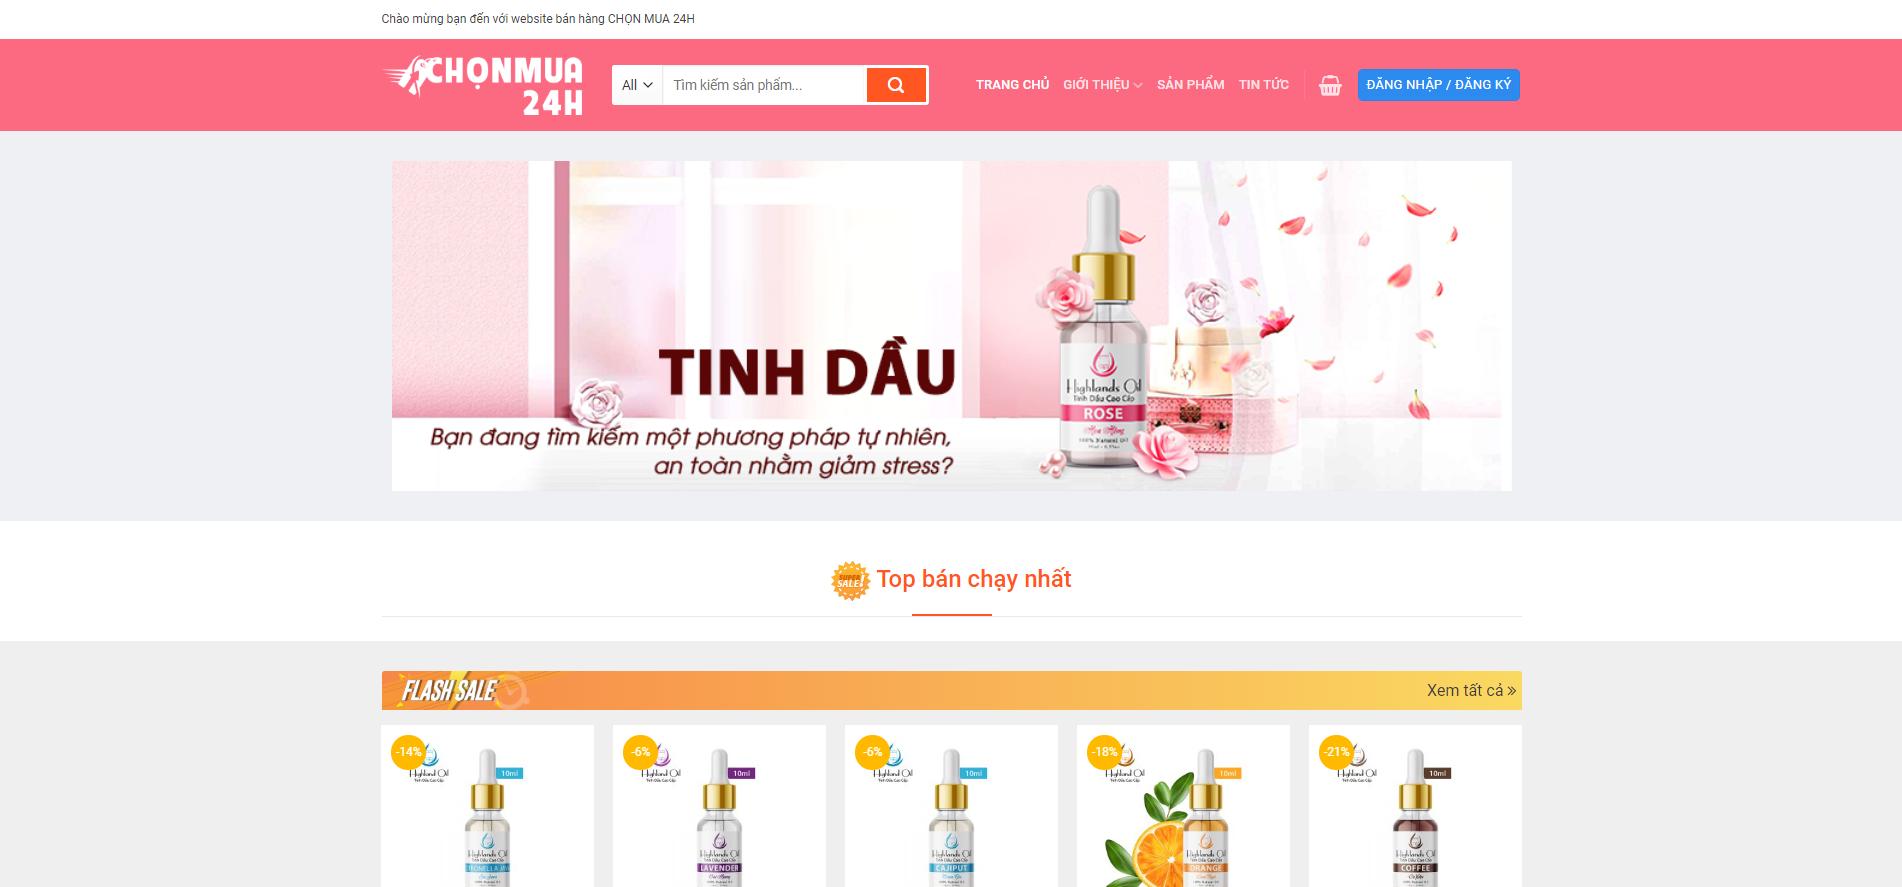 thiết kế website bán hàng chonmua24h